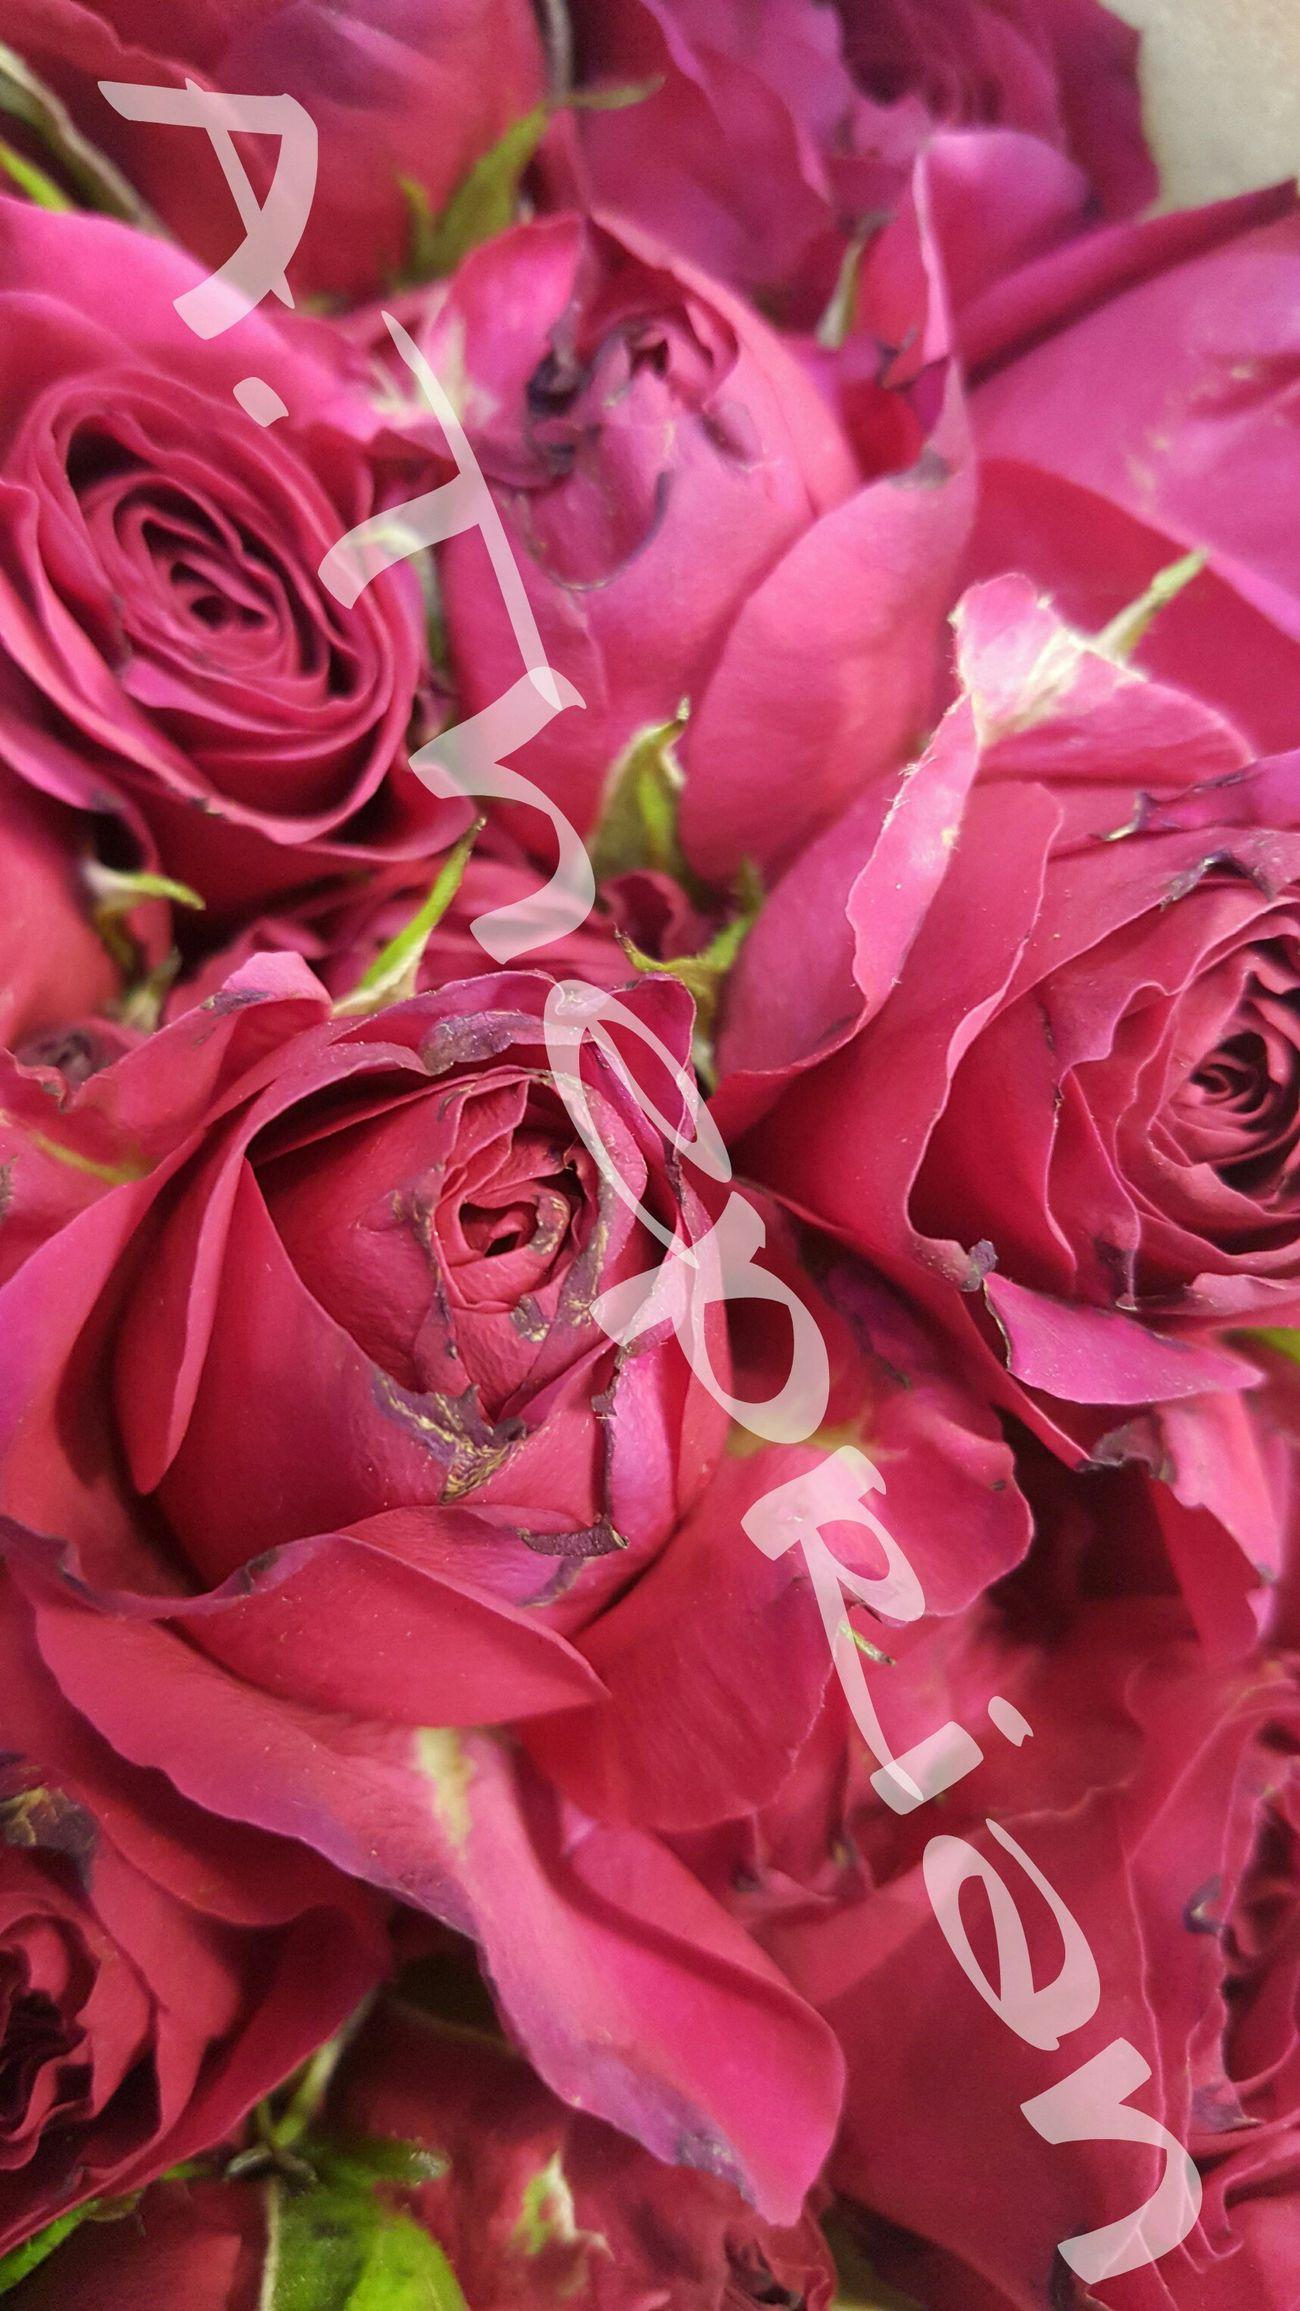 Una hermosa fotografía de rosas, tomada en la Isla de Puerto Rico 🌷 Roses Colors Live Colorful Garden Photography Pink Rose Flowers Naturalize Secondeyeemphoto BrightsLights